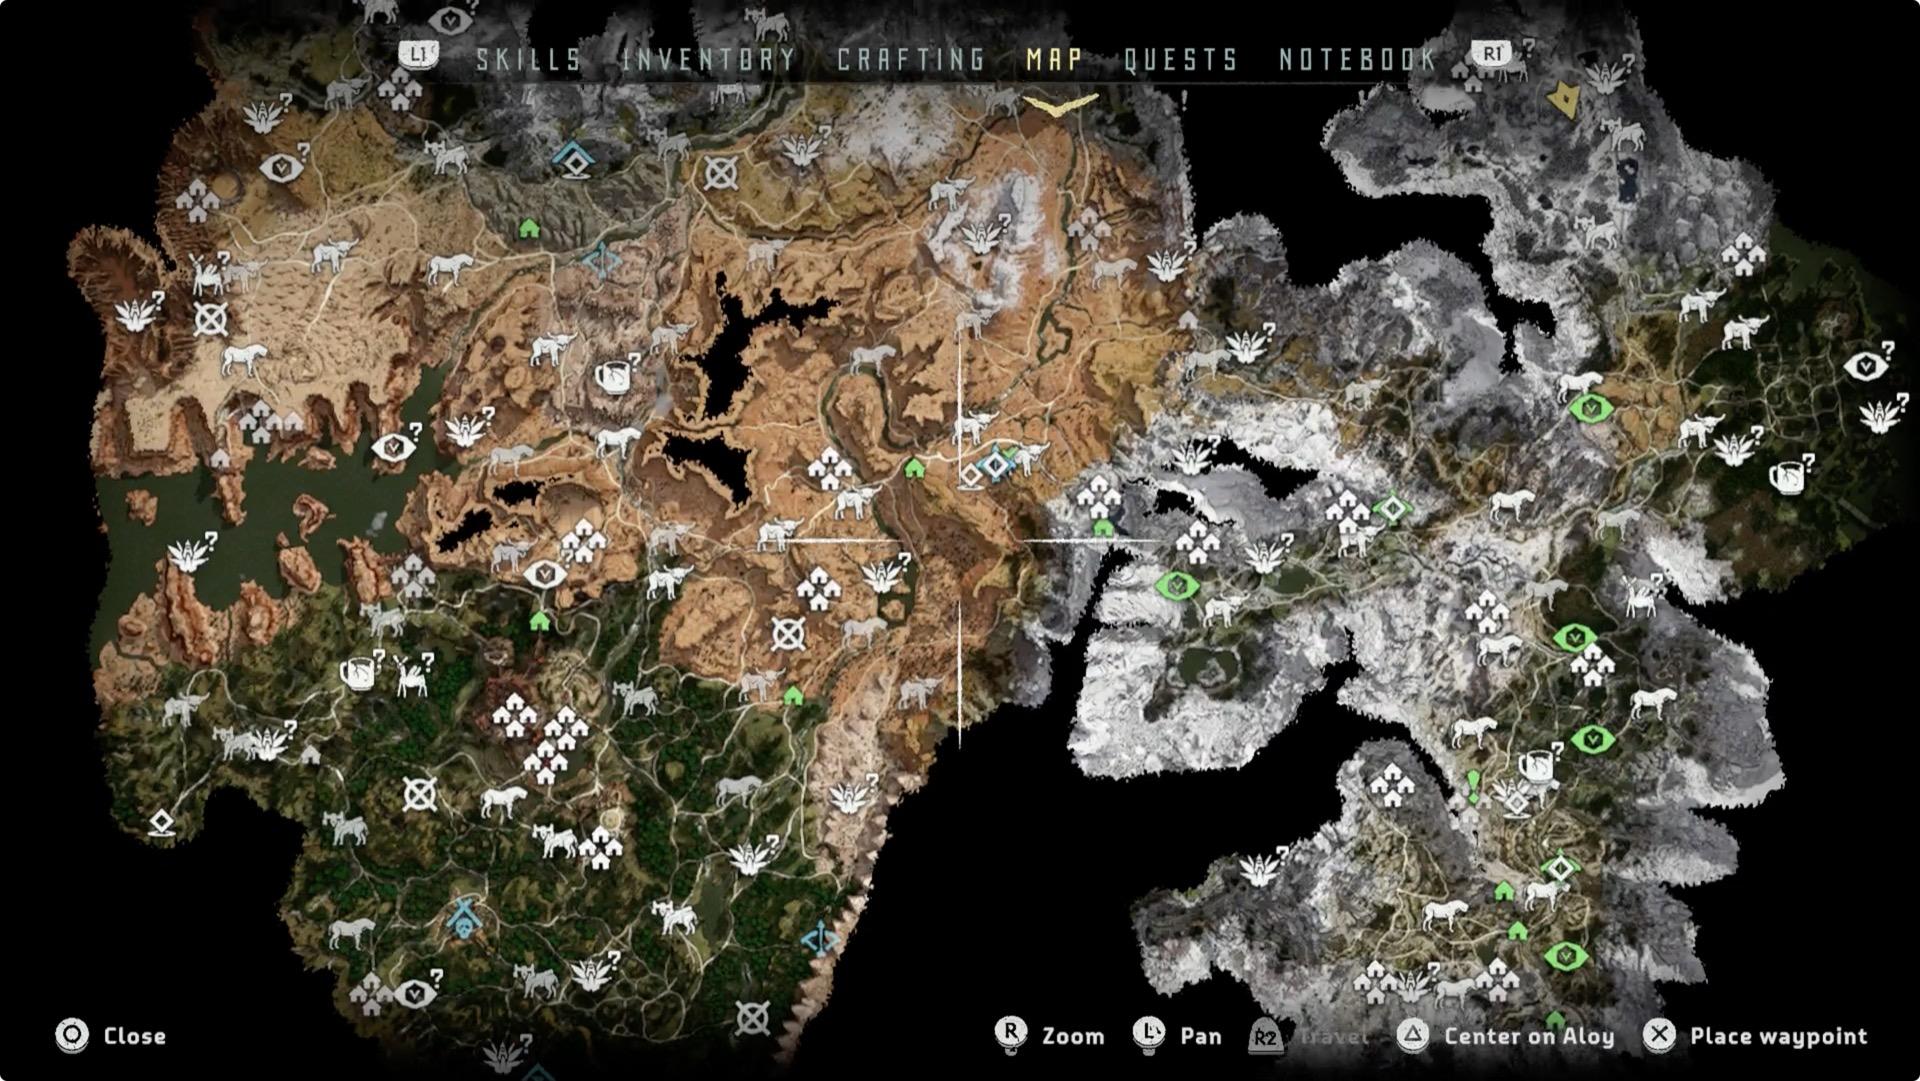 El mapa es lo suficientemente extenso como para mostrar todo tipo de ambientes y darnos horas de desplazamientos